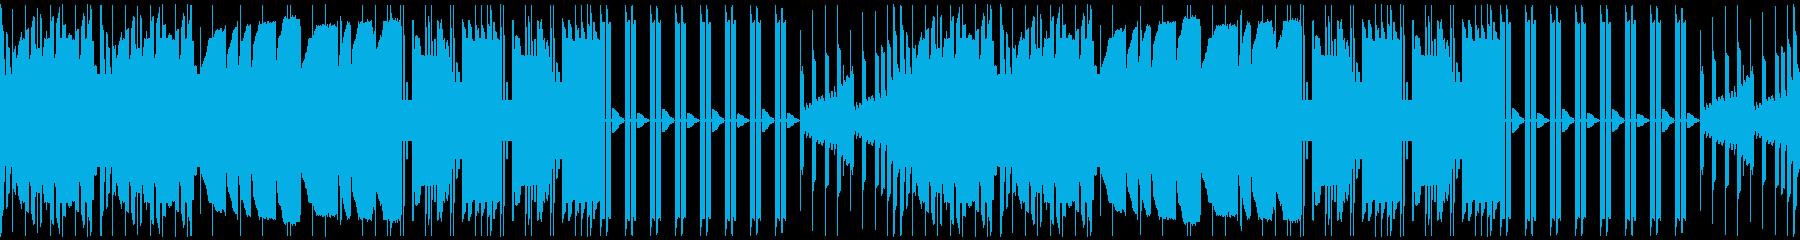 FC風ループ 悲しみのハコの再生済みの波形